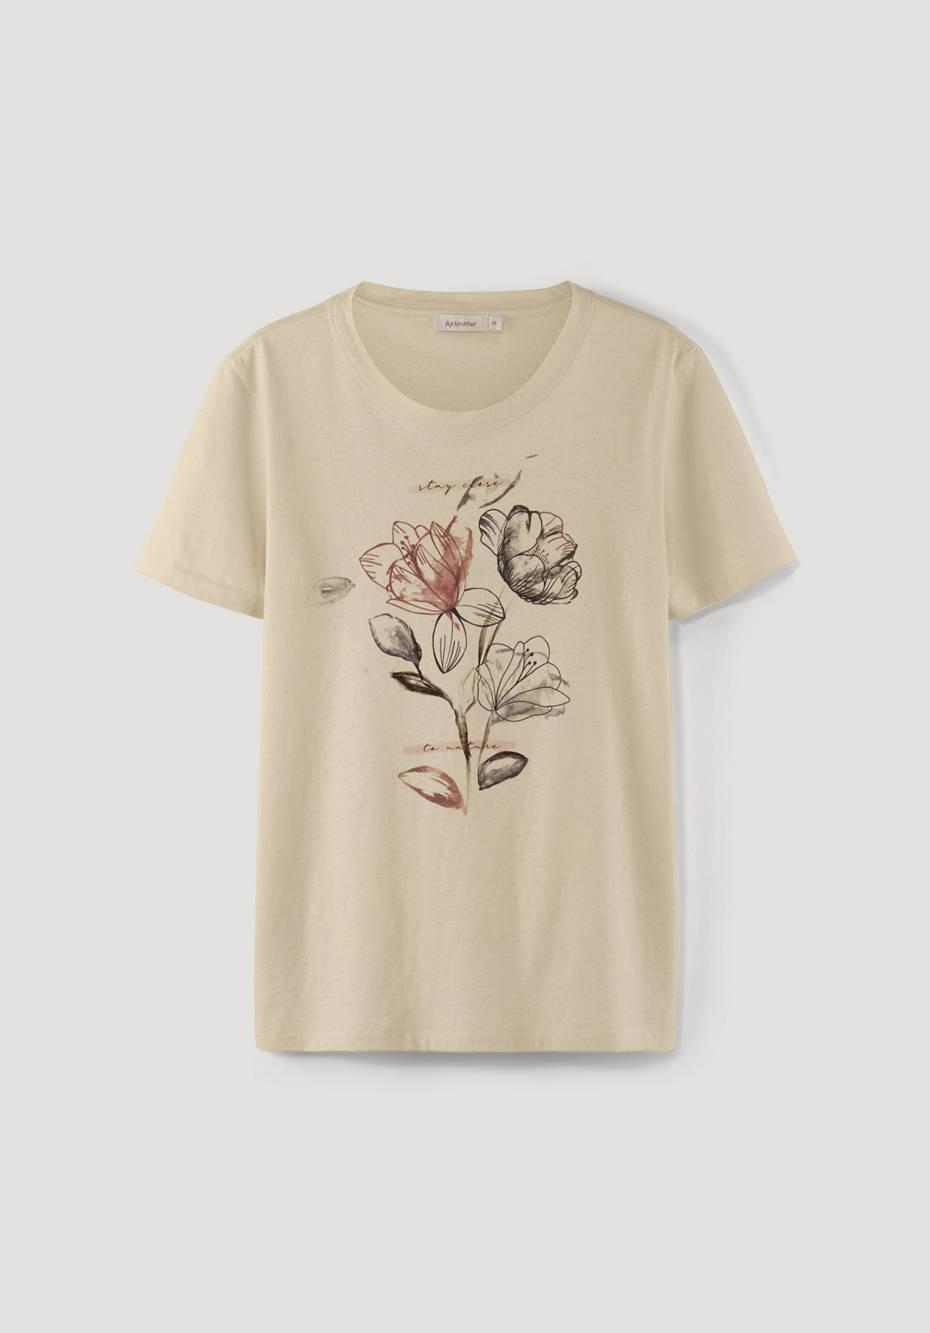 BetteRecycling T-Shirt aus reiner Bio-Baumwolle